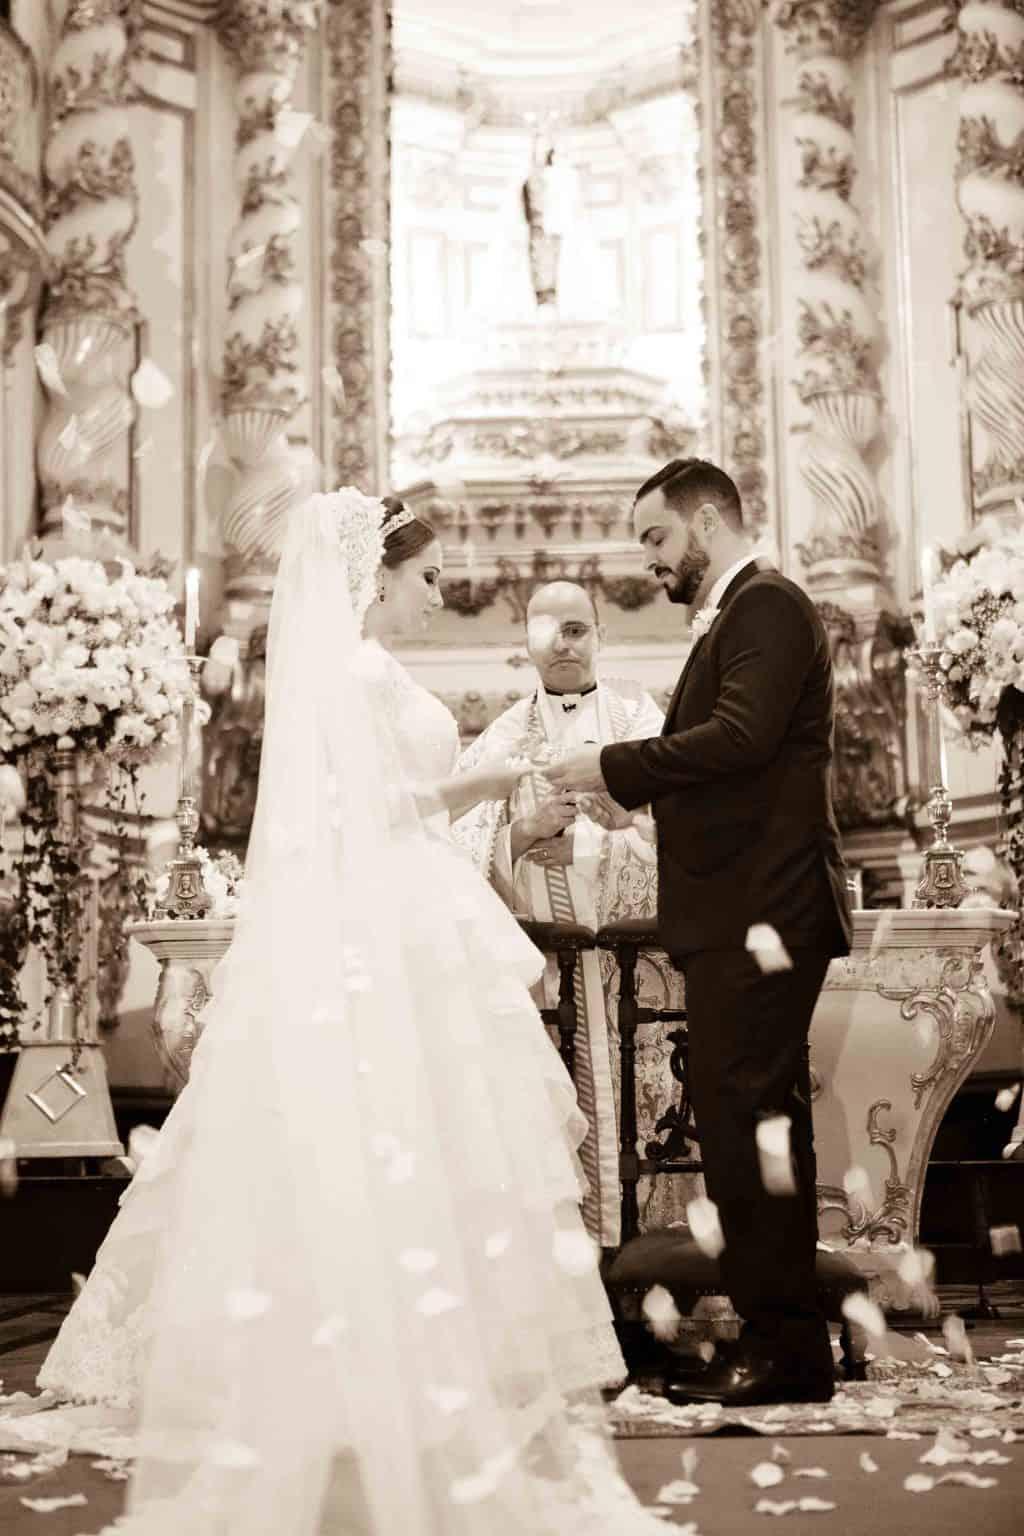 Casamento-Clássico-Casamento-tradicional-Cerimônia-Copacabana-Palace-Monica-Roias-Ribas-Foto-e-Vídeo-Tuanny-e-Bernardo-CaseMe-18